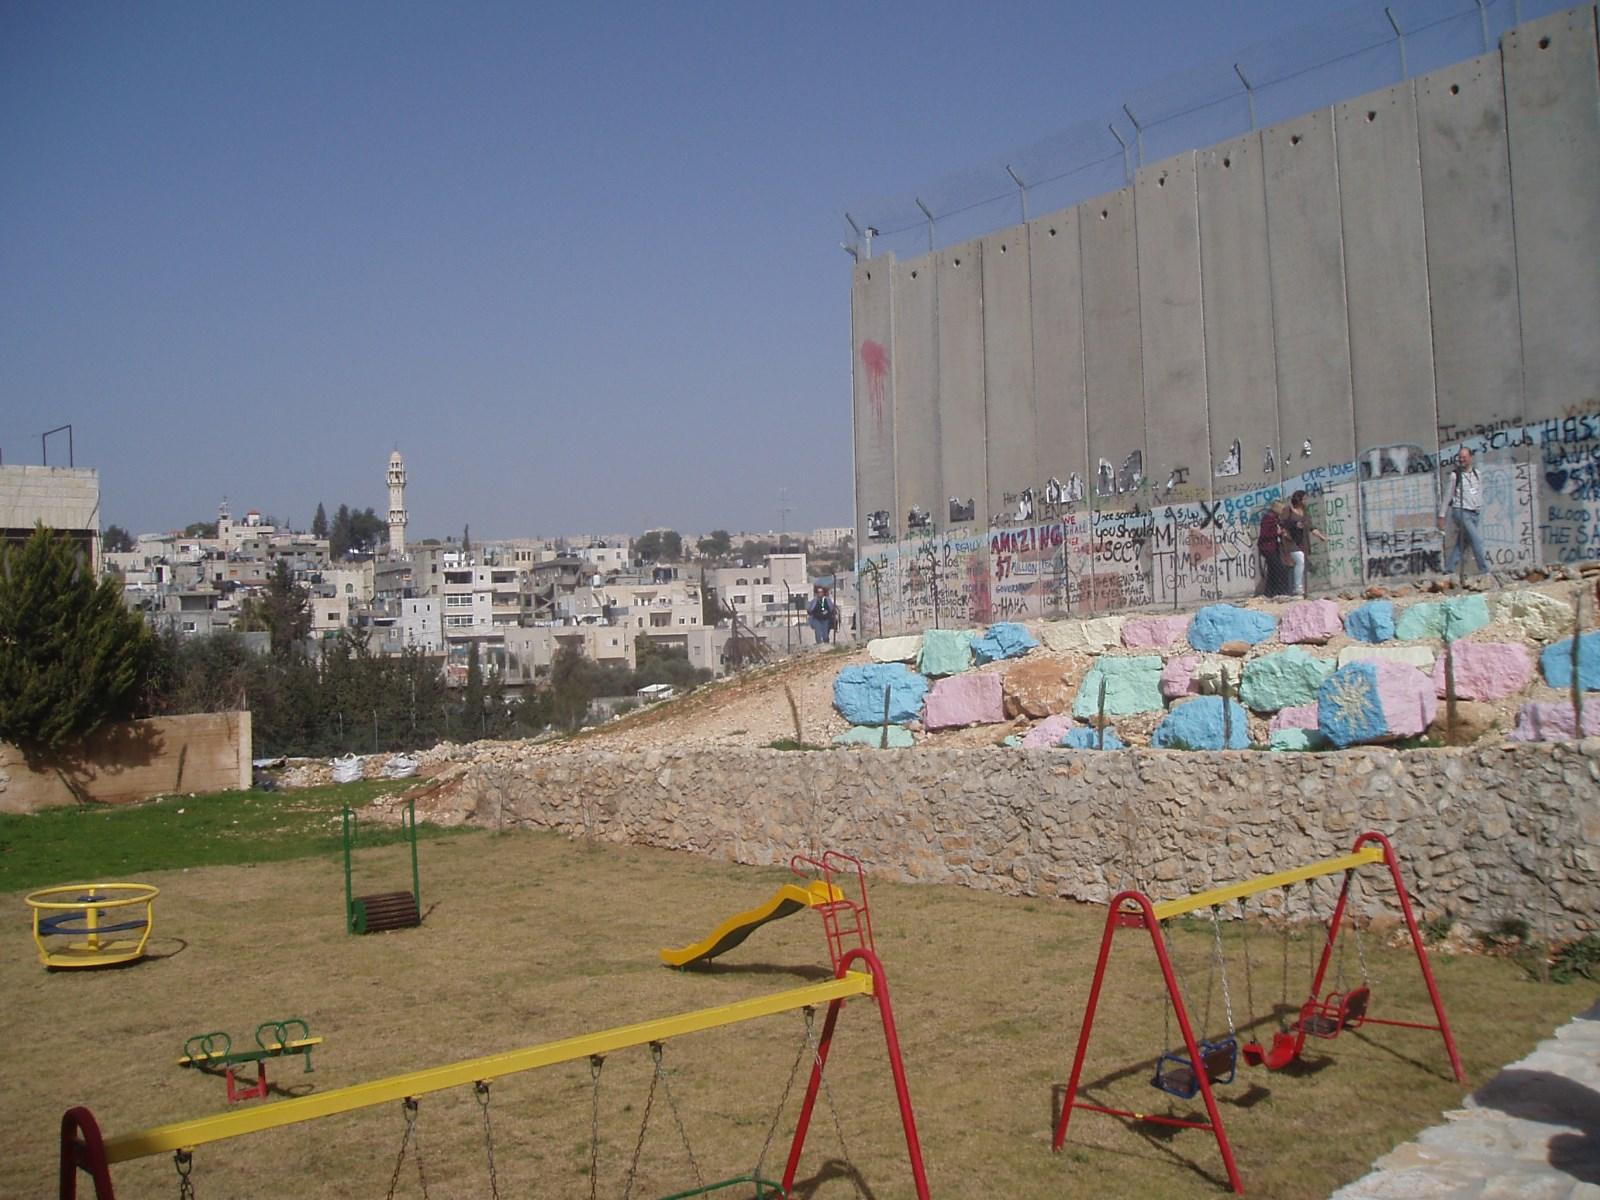 Palestina Werkgroep Enschede